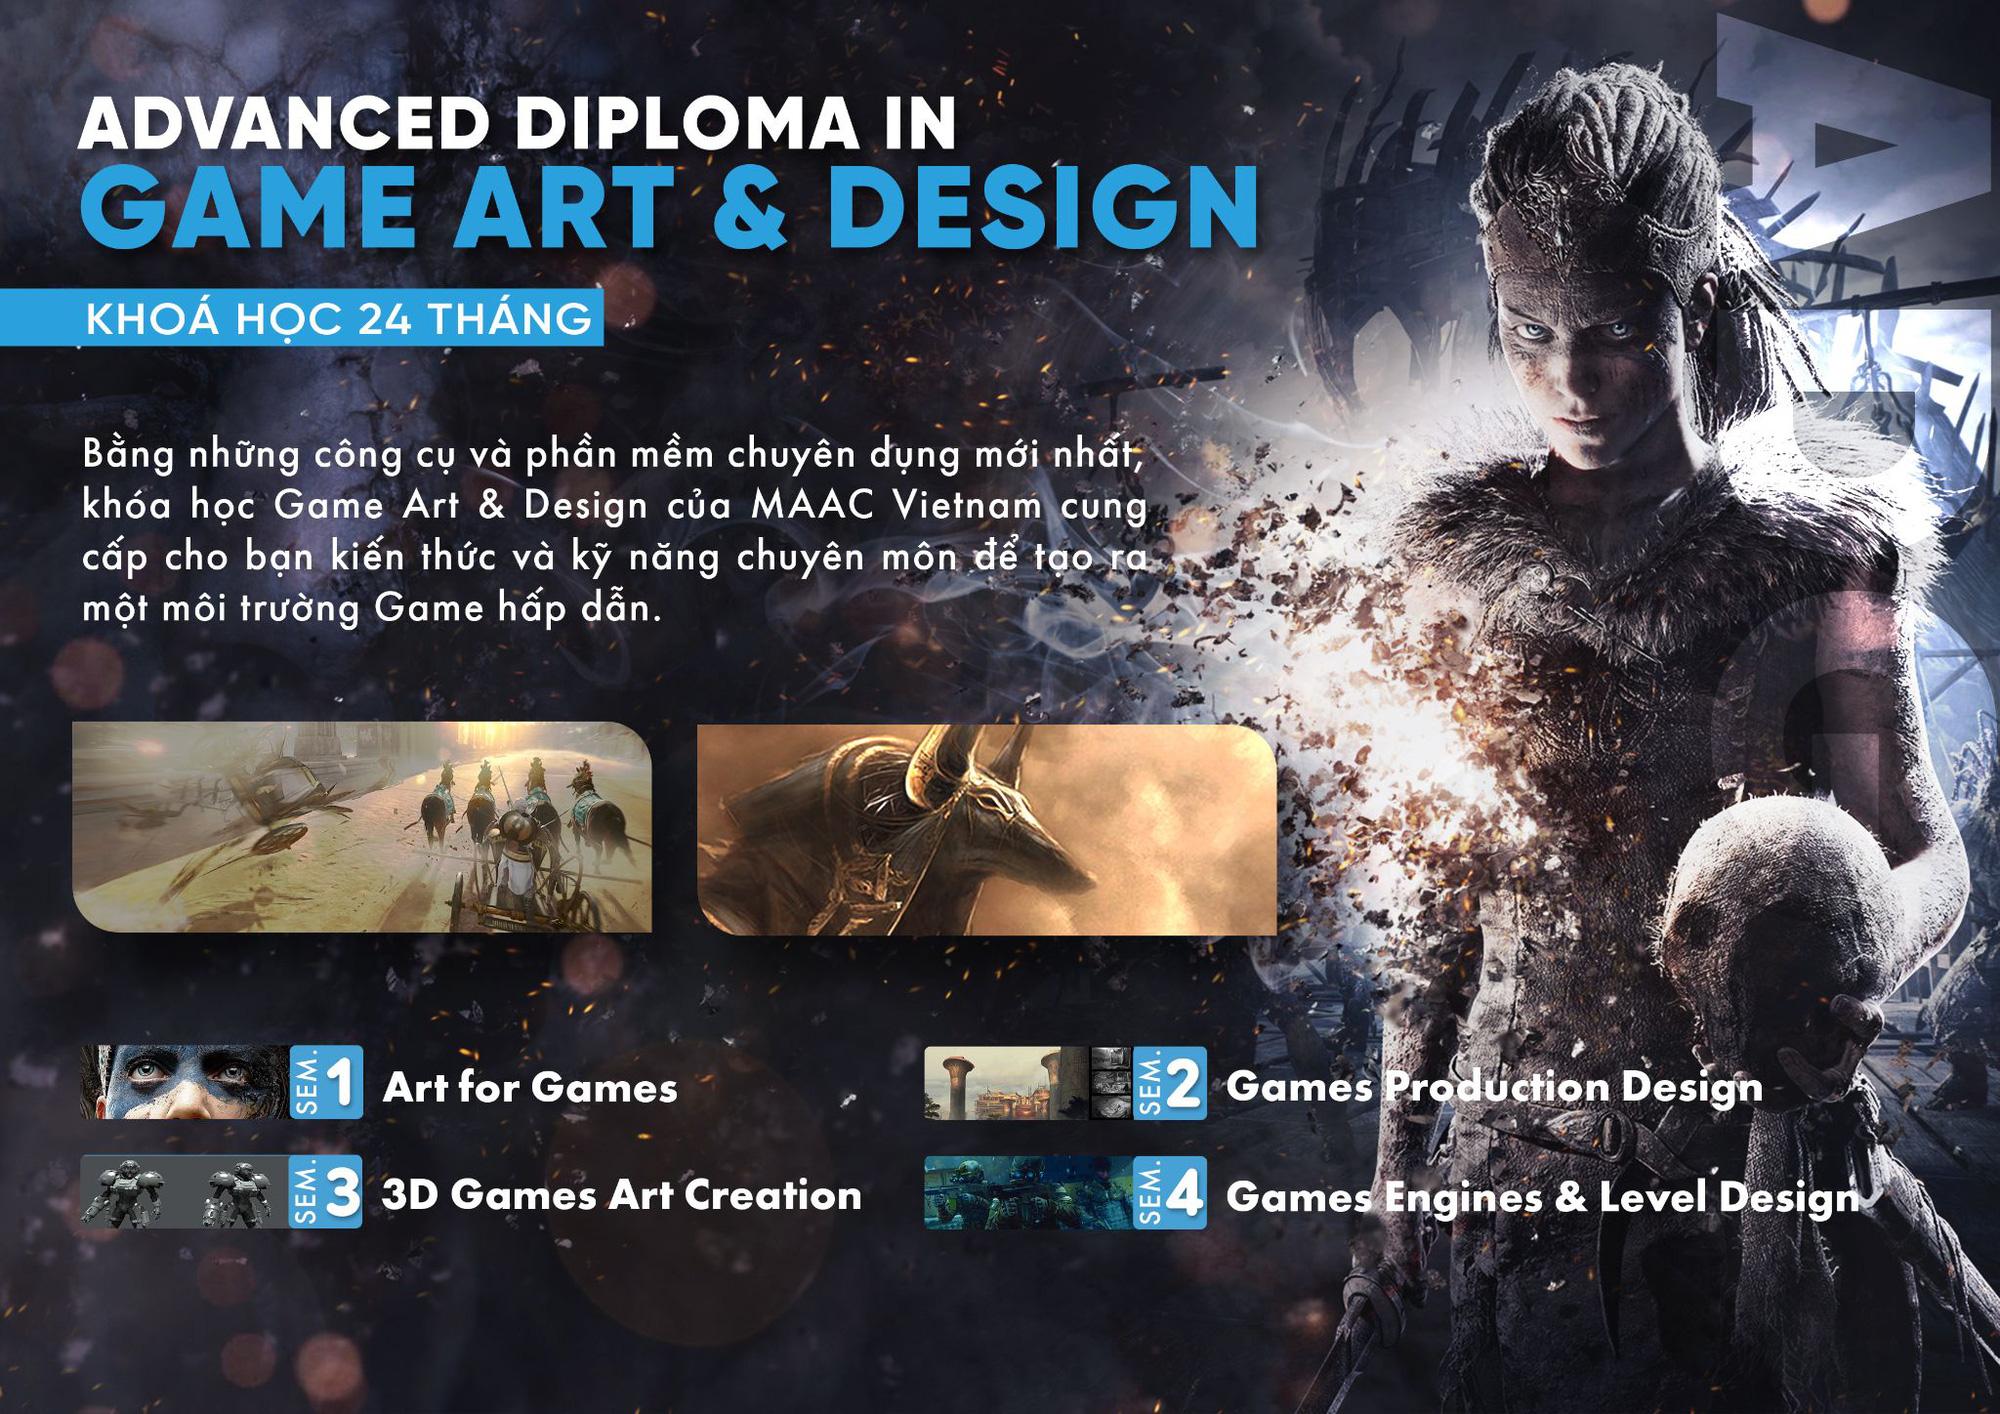 MAAC Vietnam ra mắt chương trình đào tạo Game Art & Design bài bản và chuyên sâu tại Việt Nam - Ảnh 3.